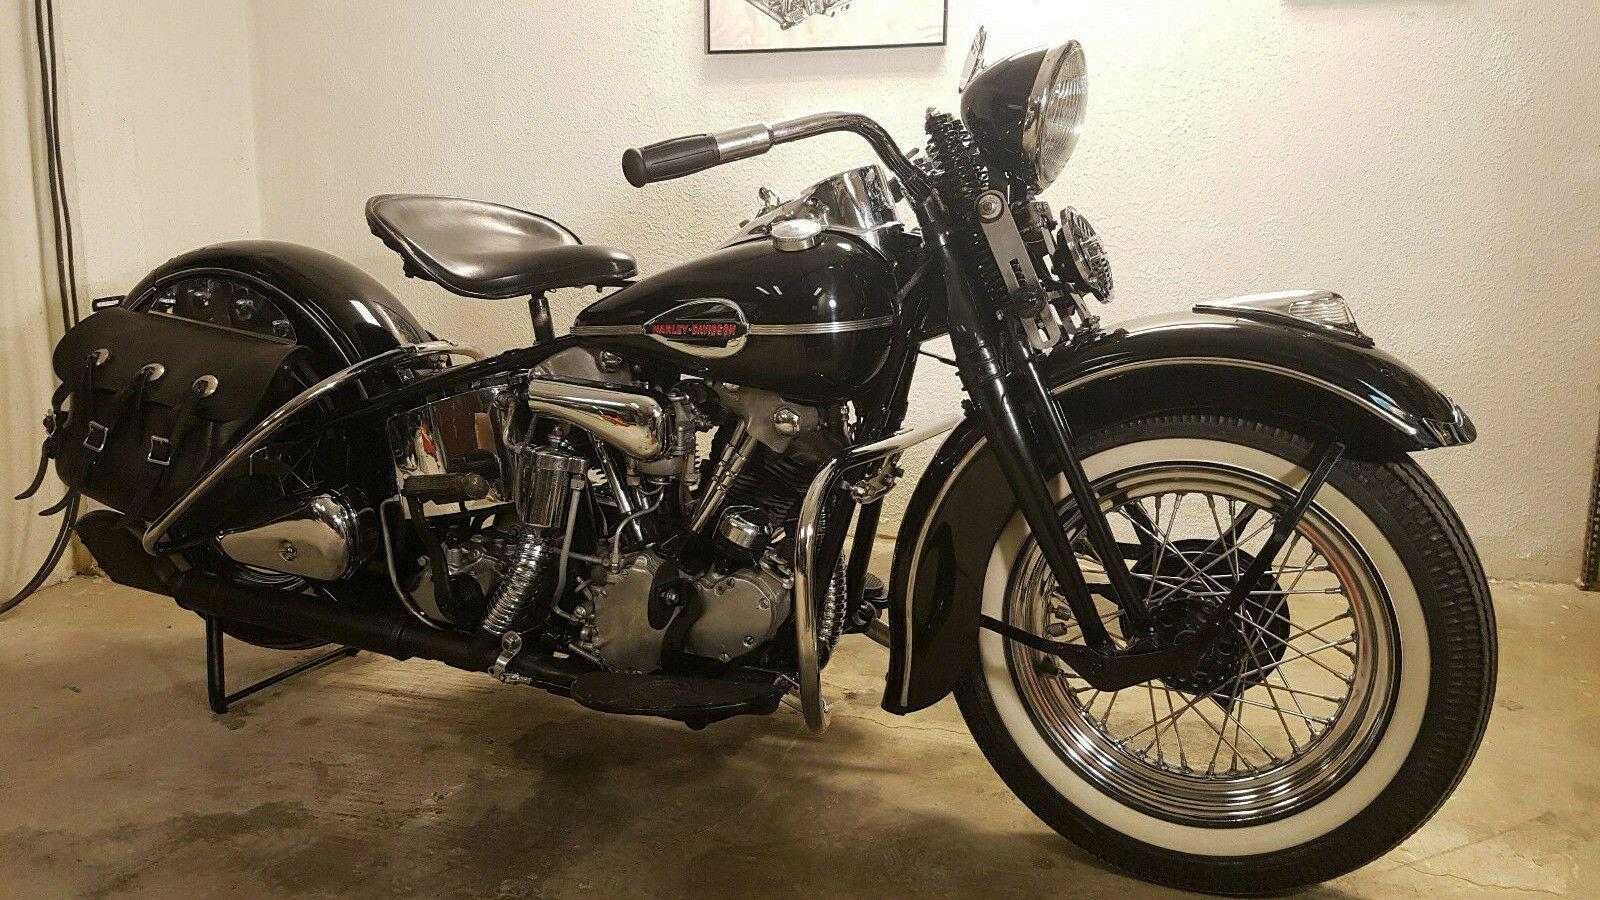 1937 Harley Davidson Touring Harley Davidson Knucklehead El 1937